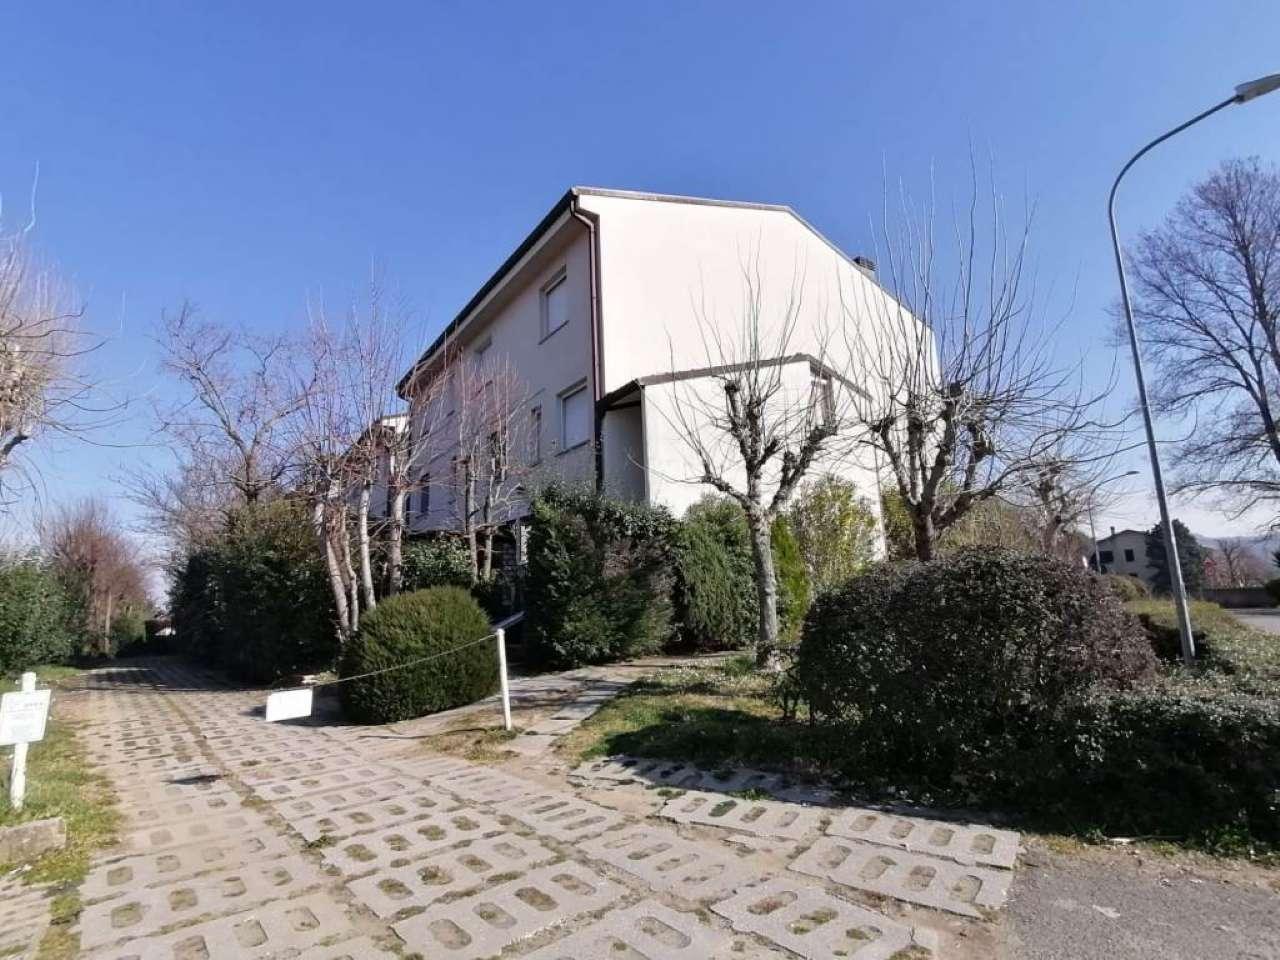 Appartamento in vendita a Sasso Marconi, 5 locali, prezzo € 190.000 | PortaleAgenzieImmobiliari.it